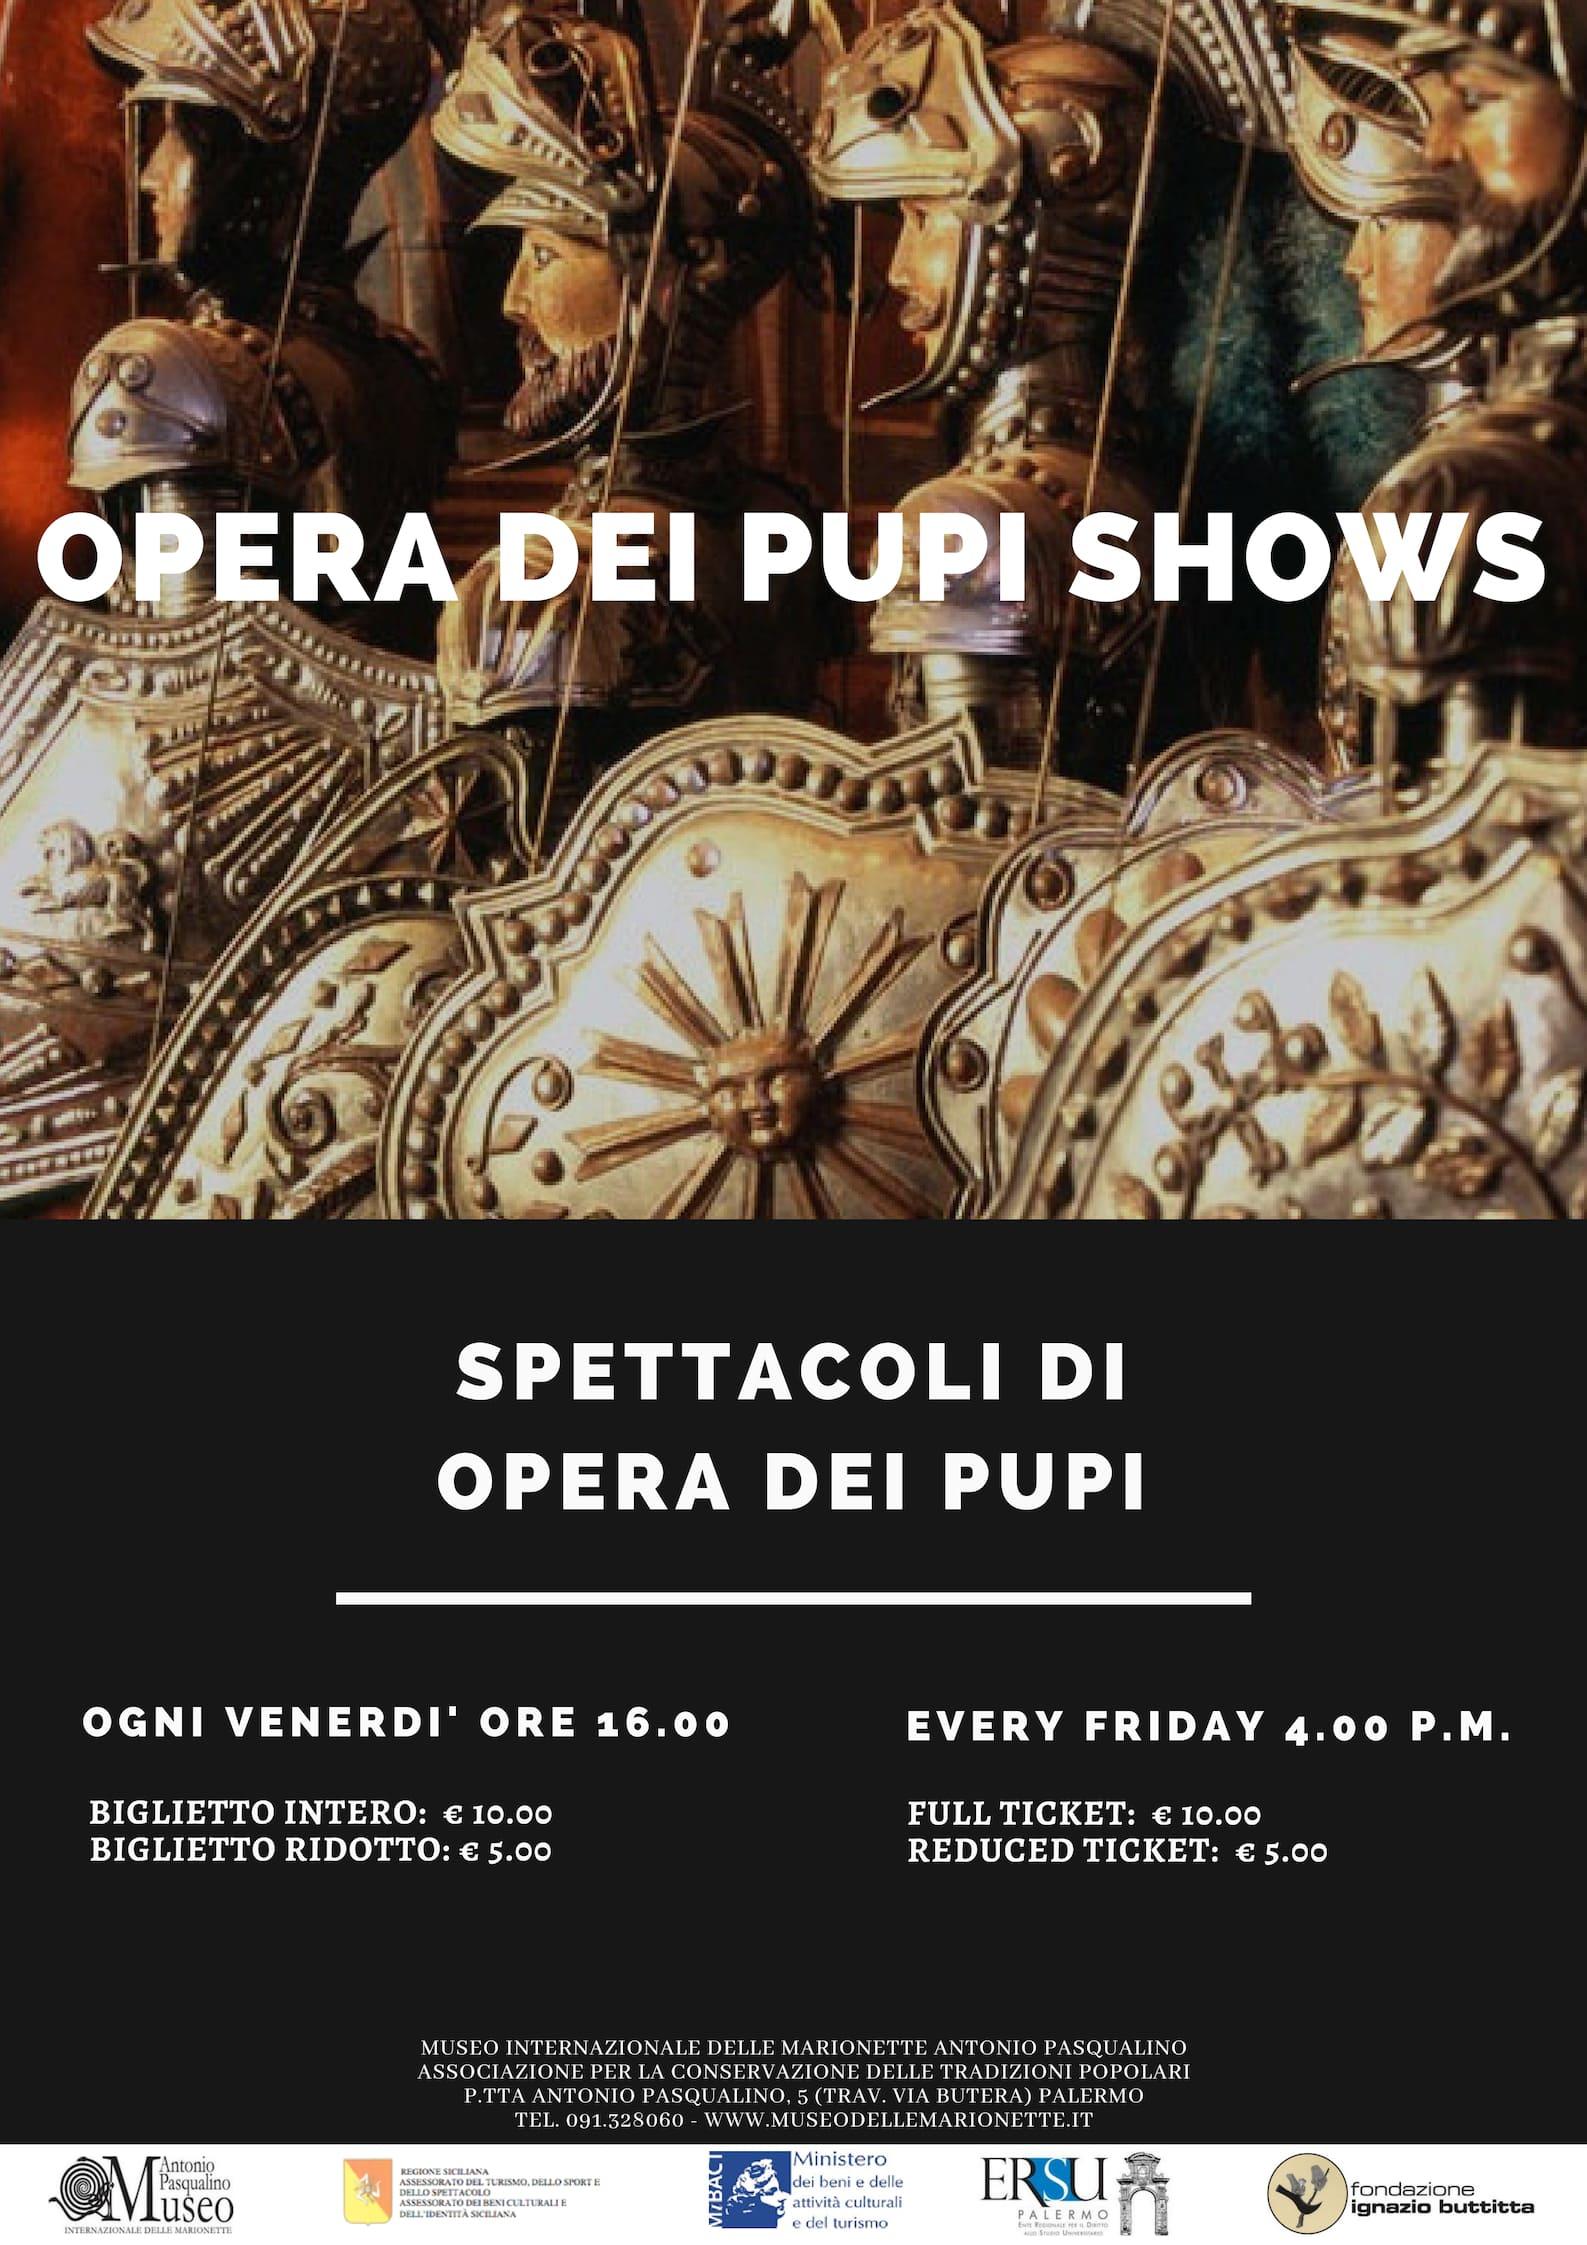 2019_Oper_dei_pupi-min.jpg - 362.66 kB